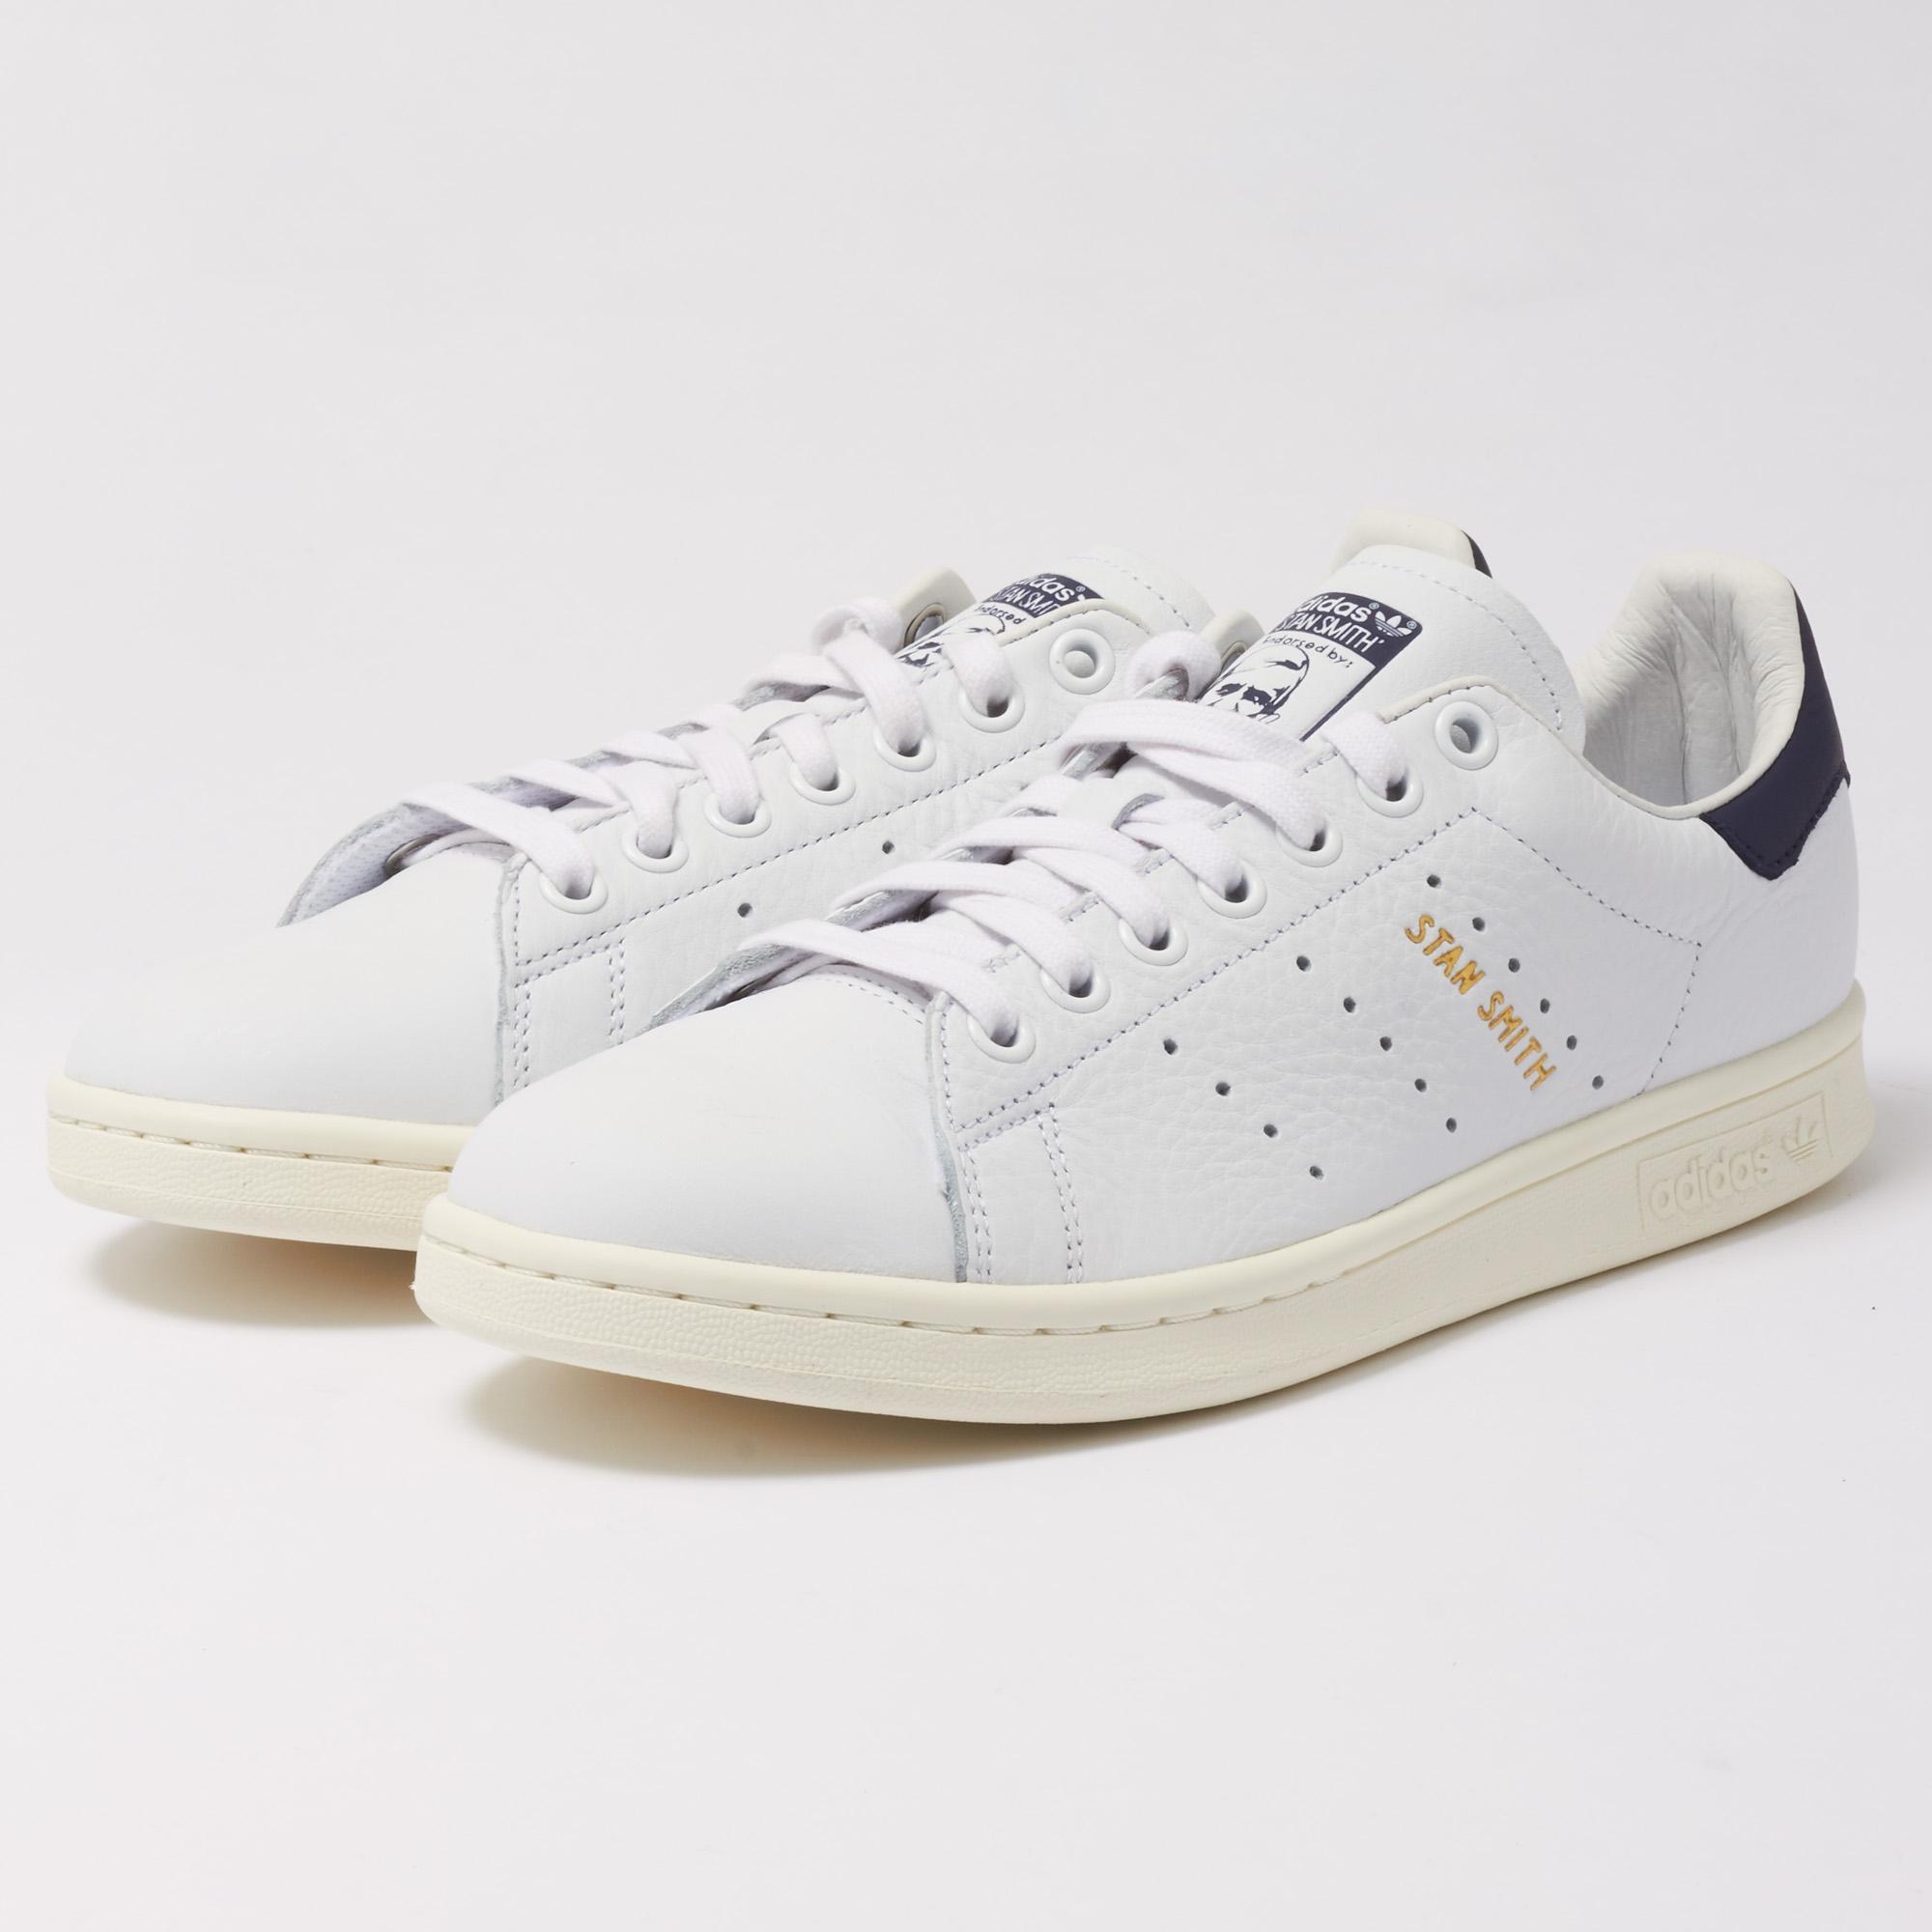 Adidas Originali Stan Smith Ftwr White & Noble Inchiostro In Bianco Lyst